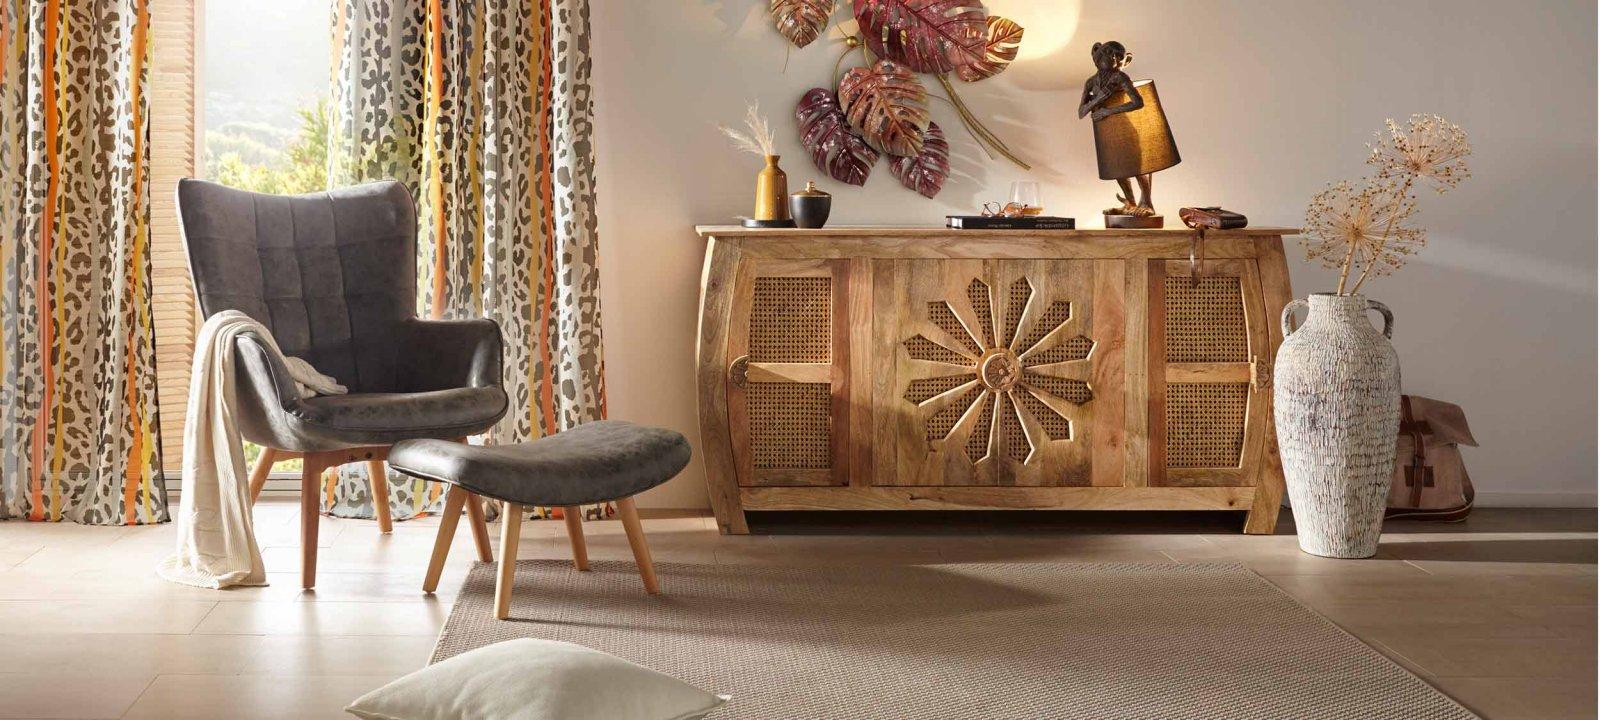 Full Size of Deko Sideboard Schlafzimmer Für Küche Badezimmer Wohnzimmer Wanddeko Dekoration Mit Arbeitsplatte Wohnzimmer Deko Sideboard